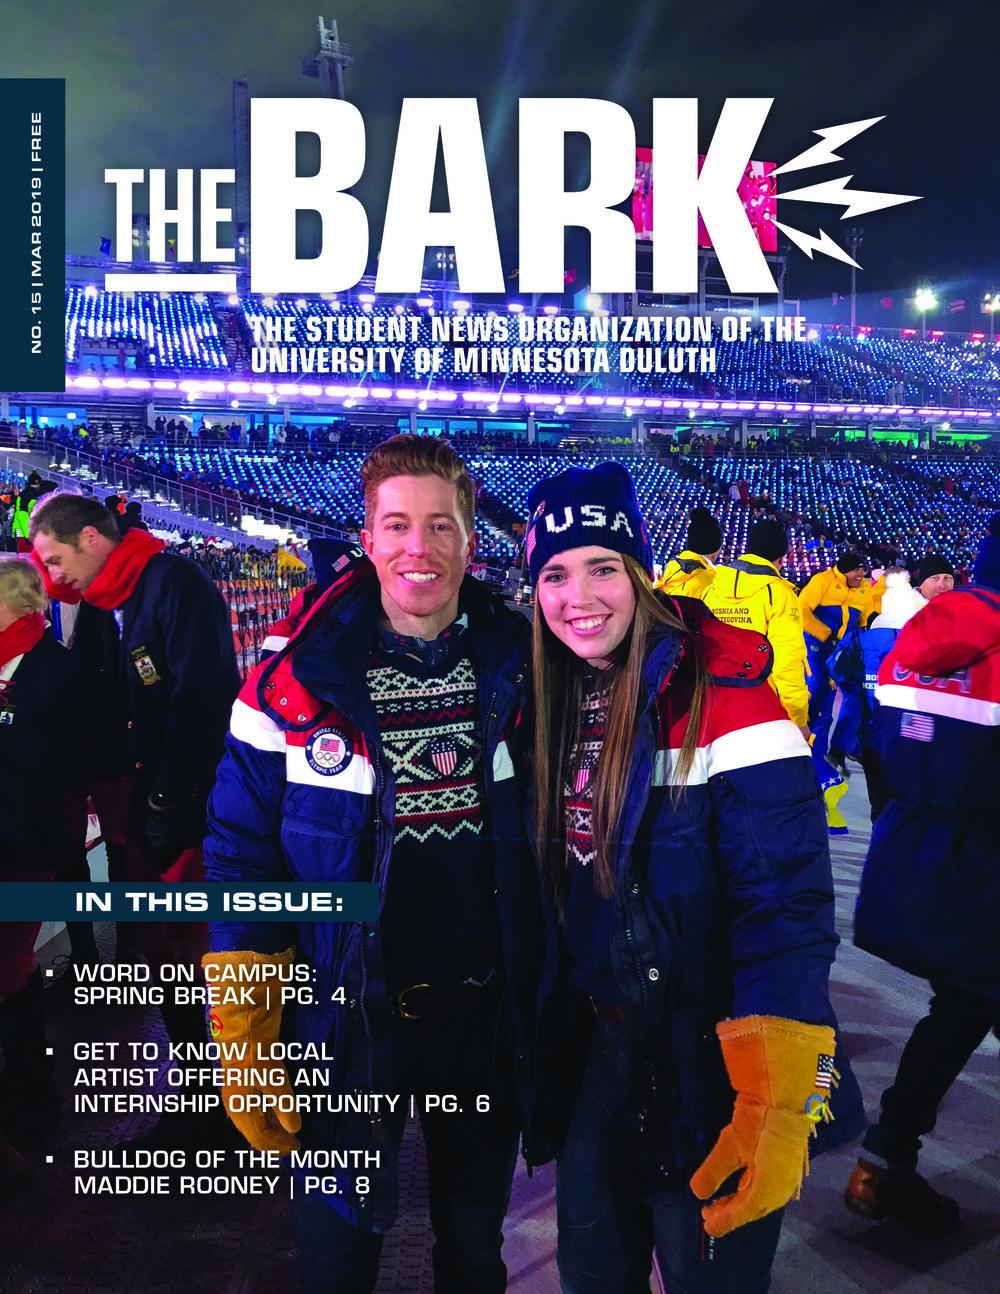 TheBark_March2019_v1 (1).jpg